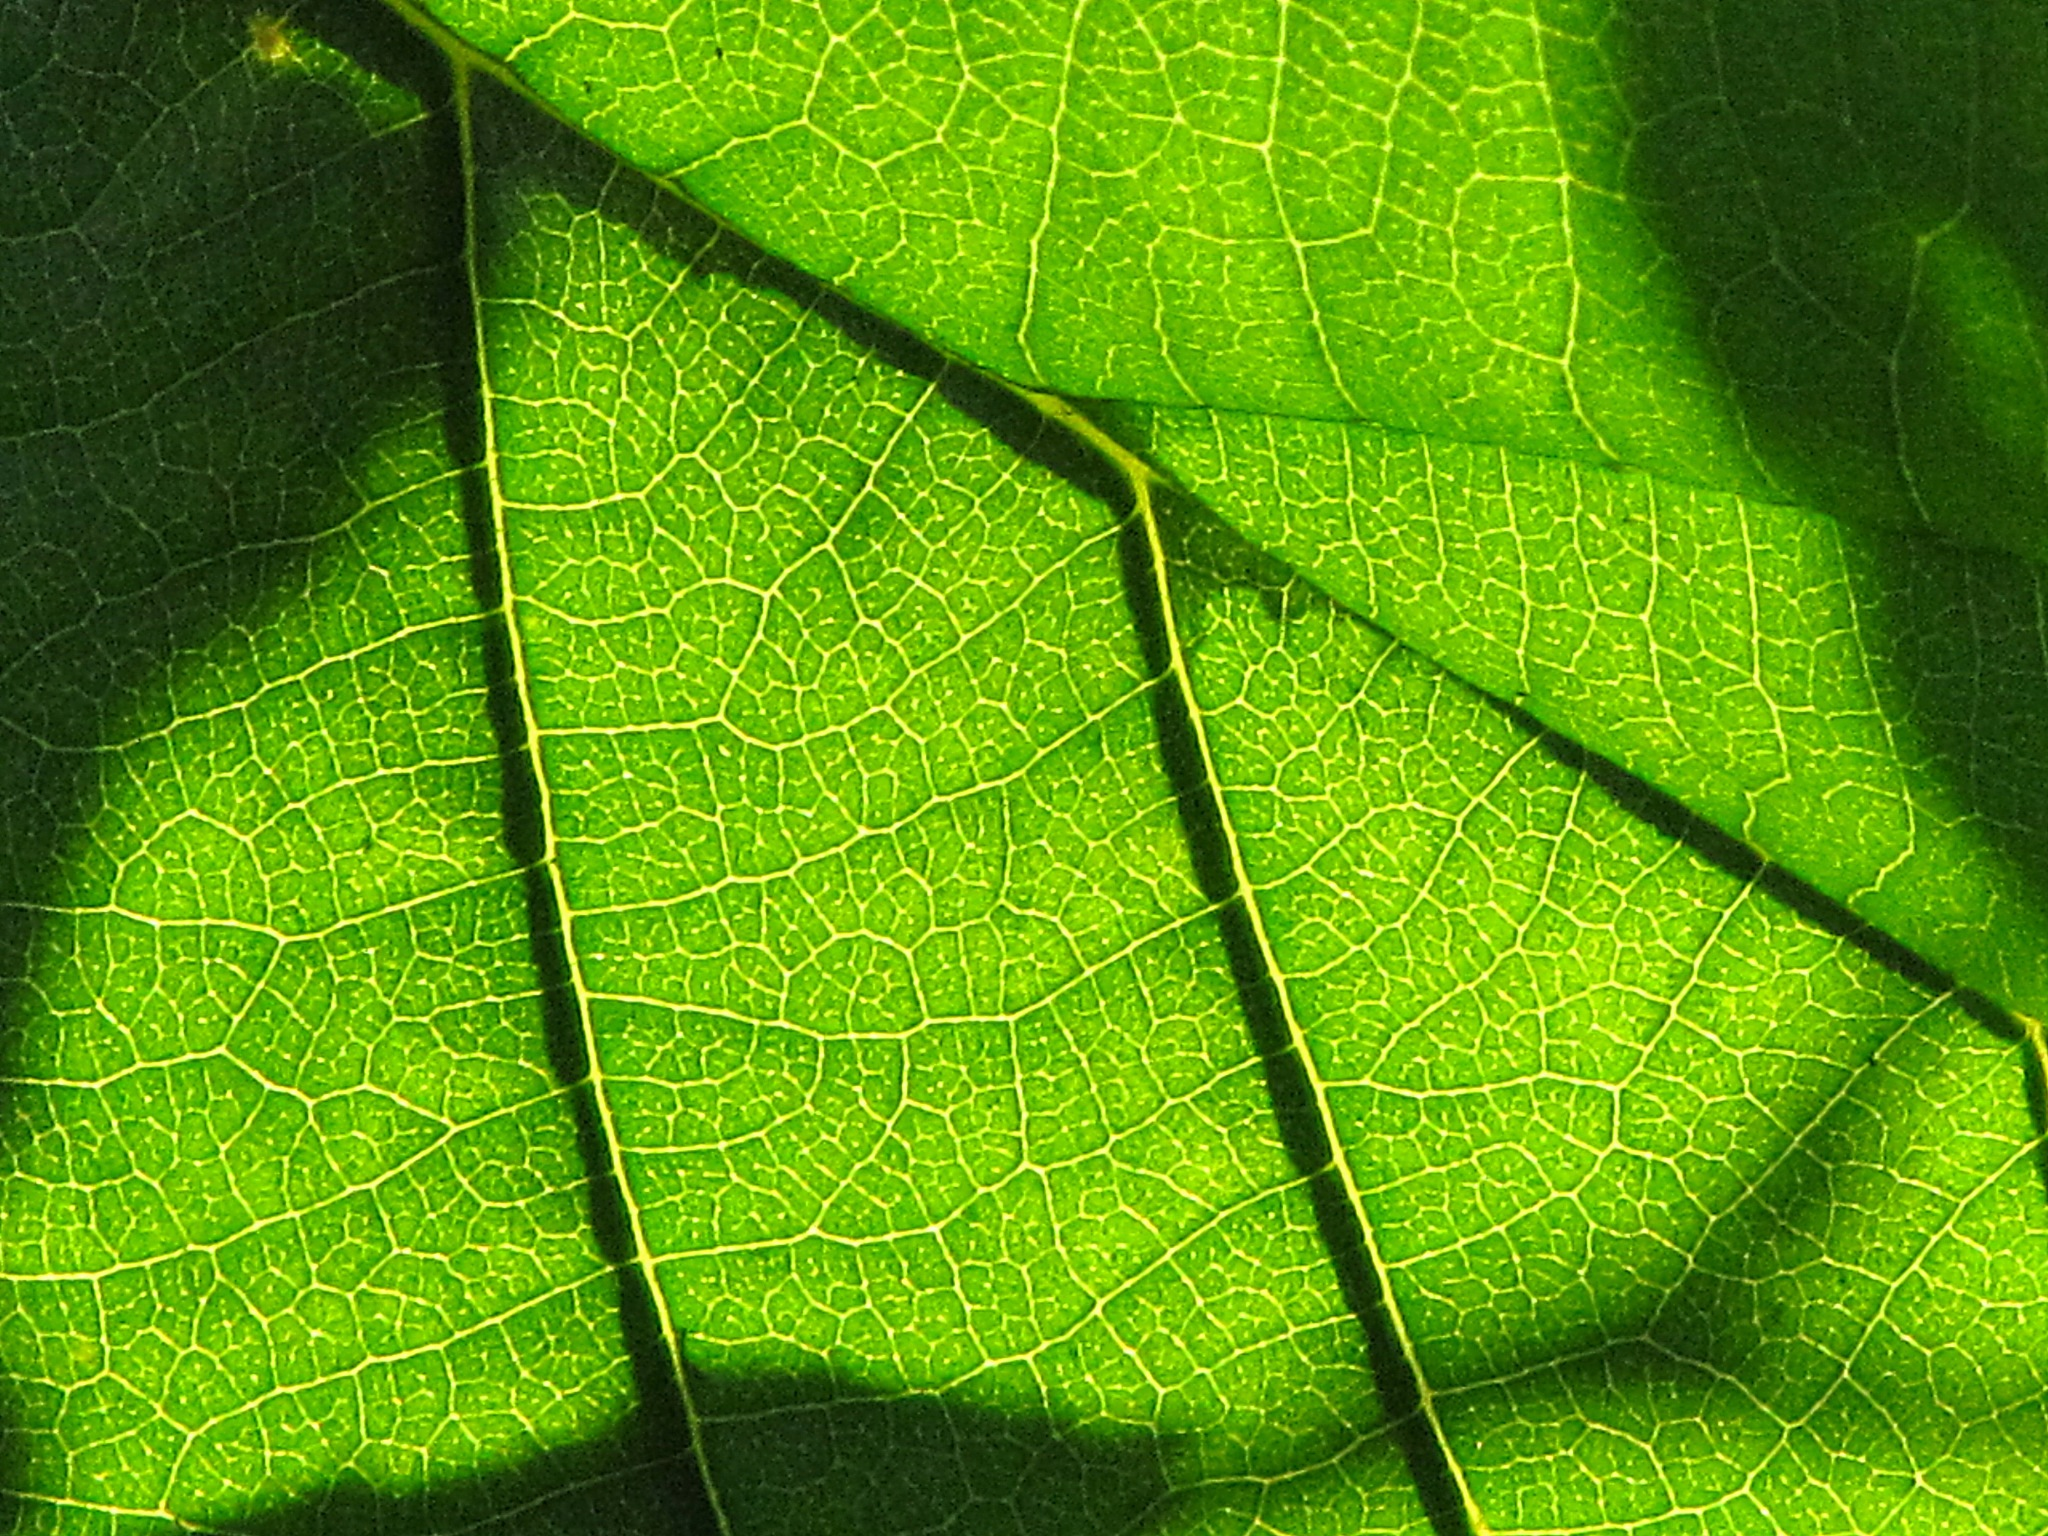 GREEN 2 by marta.figurzynskaderouiche